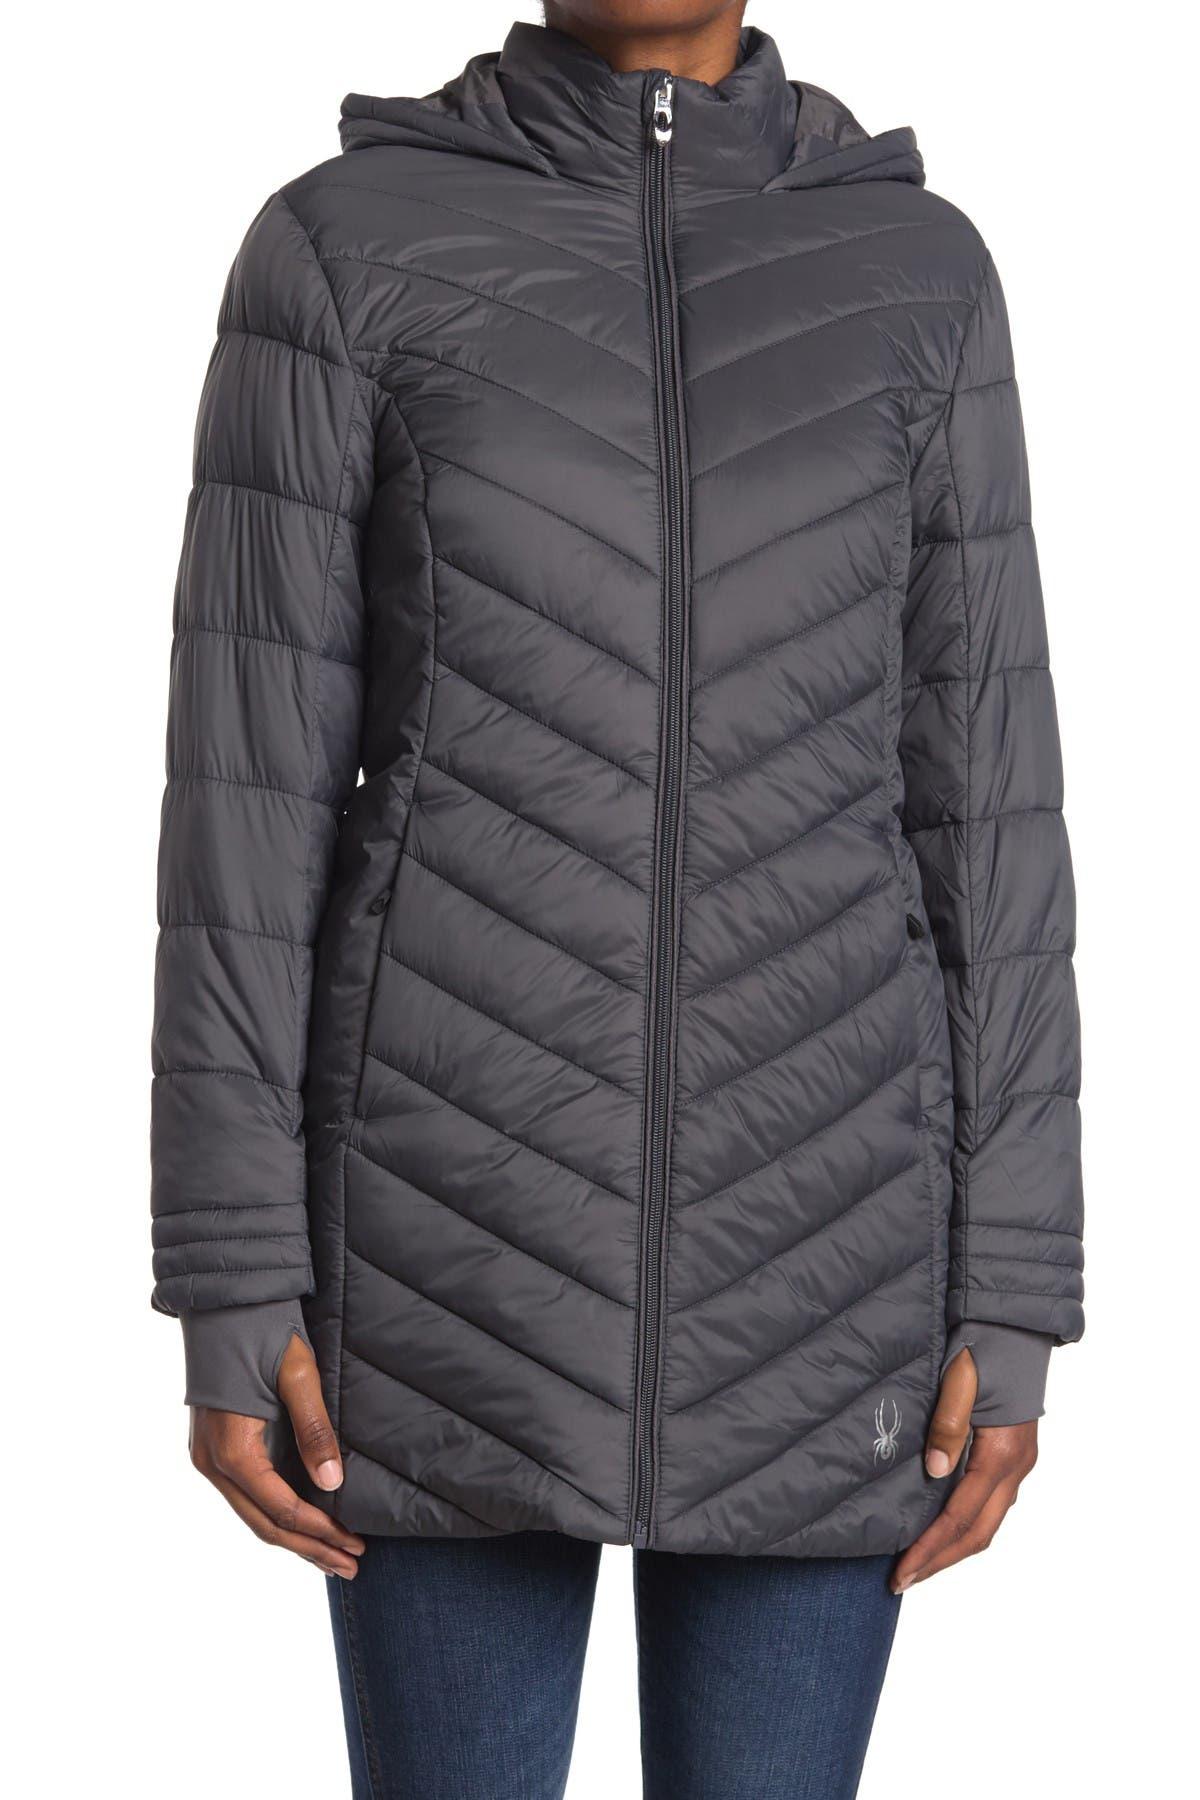 SPYDER Boundless Long Puffer Jacket